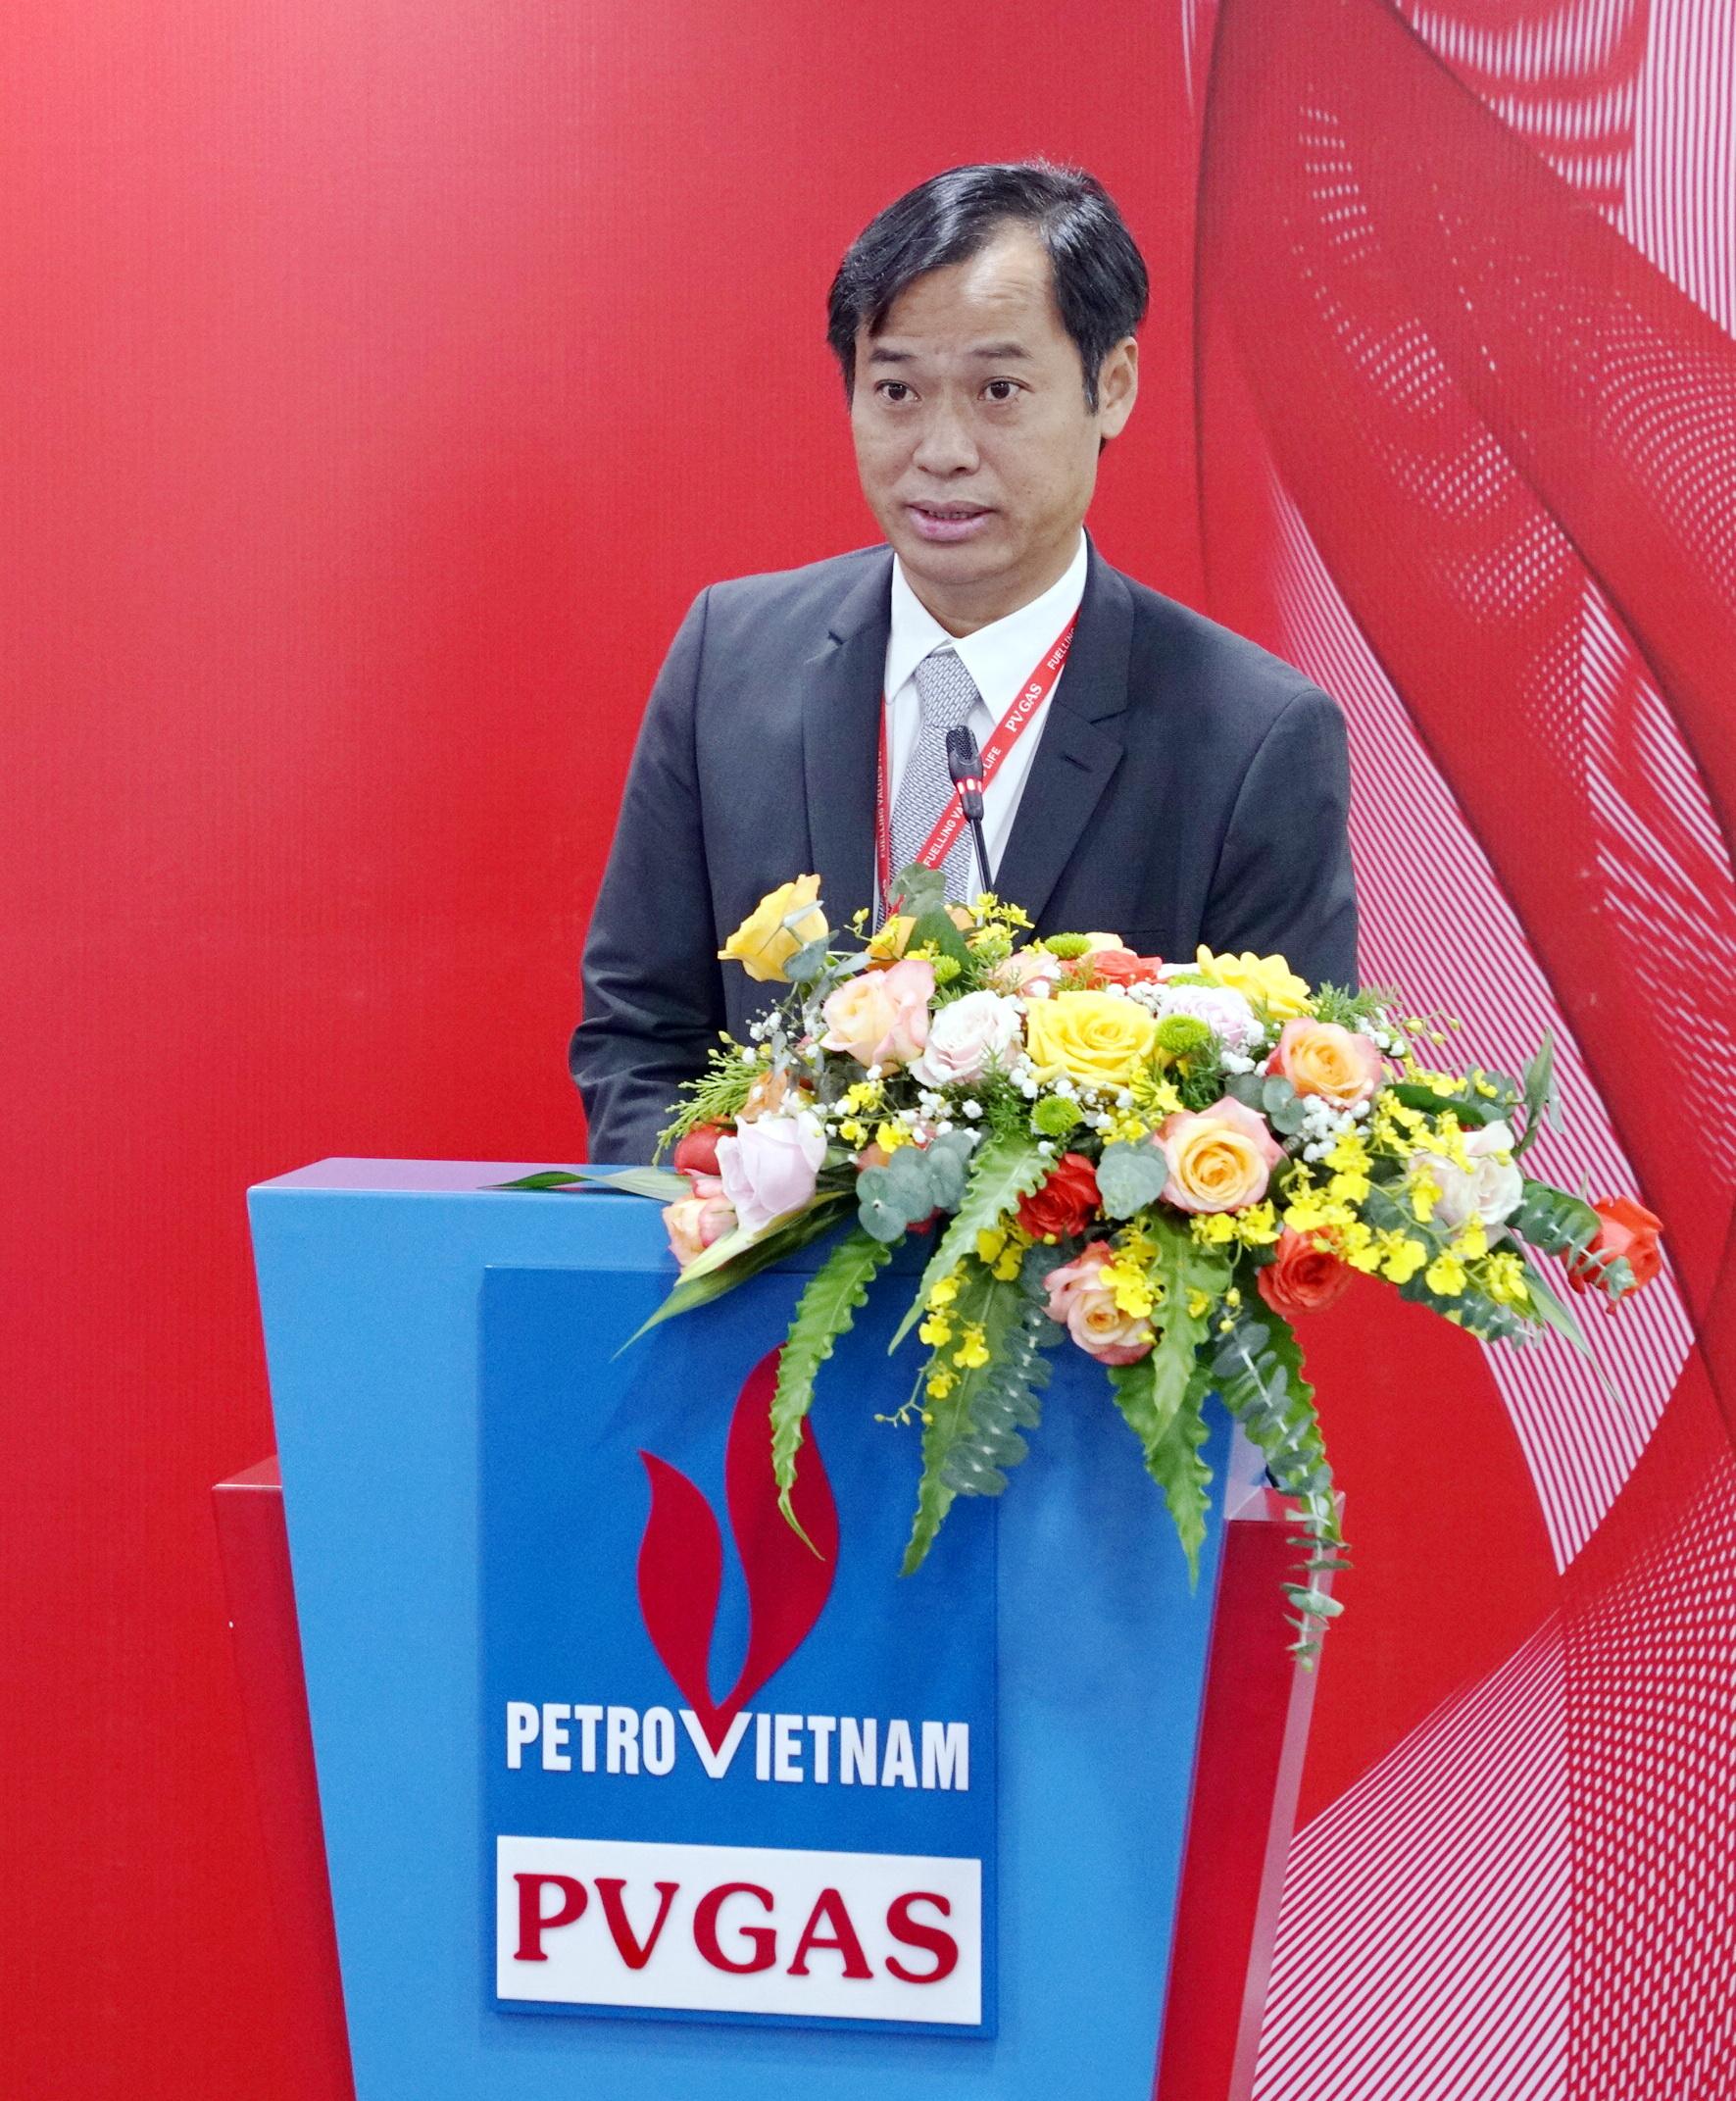 Tân Chủ tịch Công đoàn PV GAS phát biểu nhận nhiệm vụ